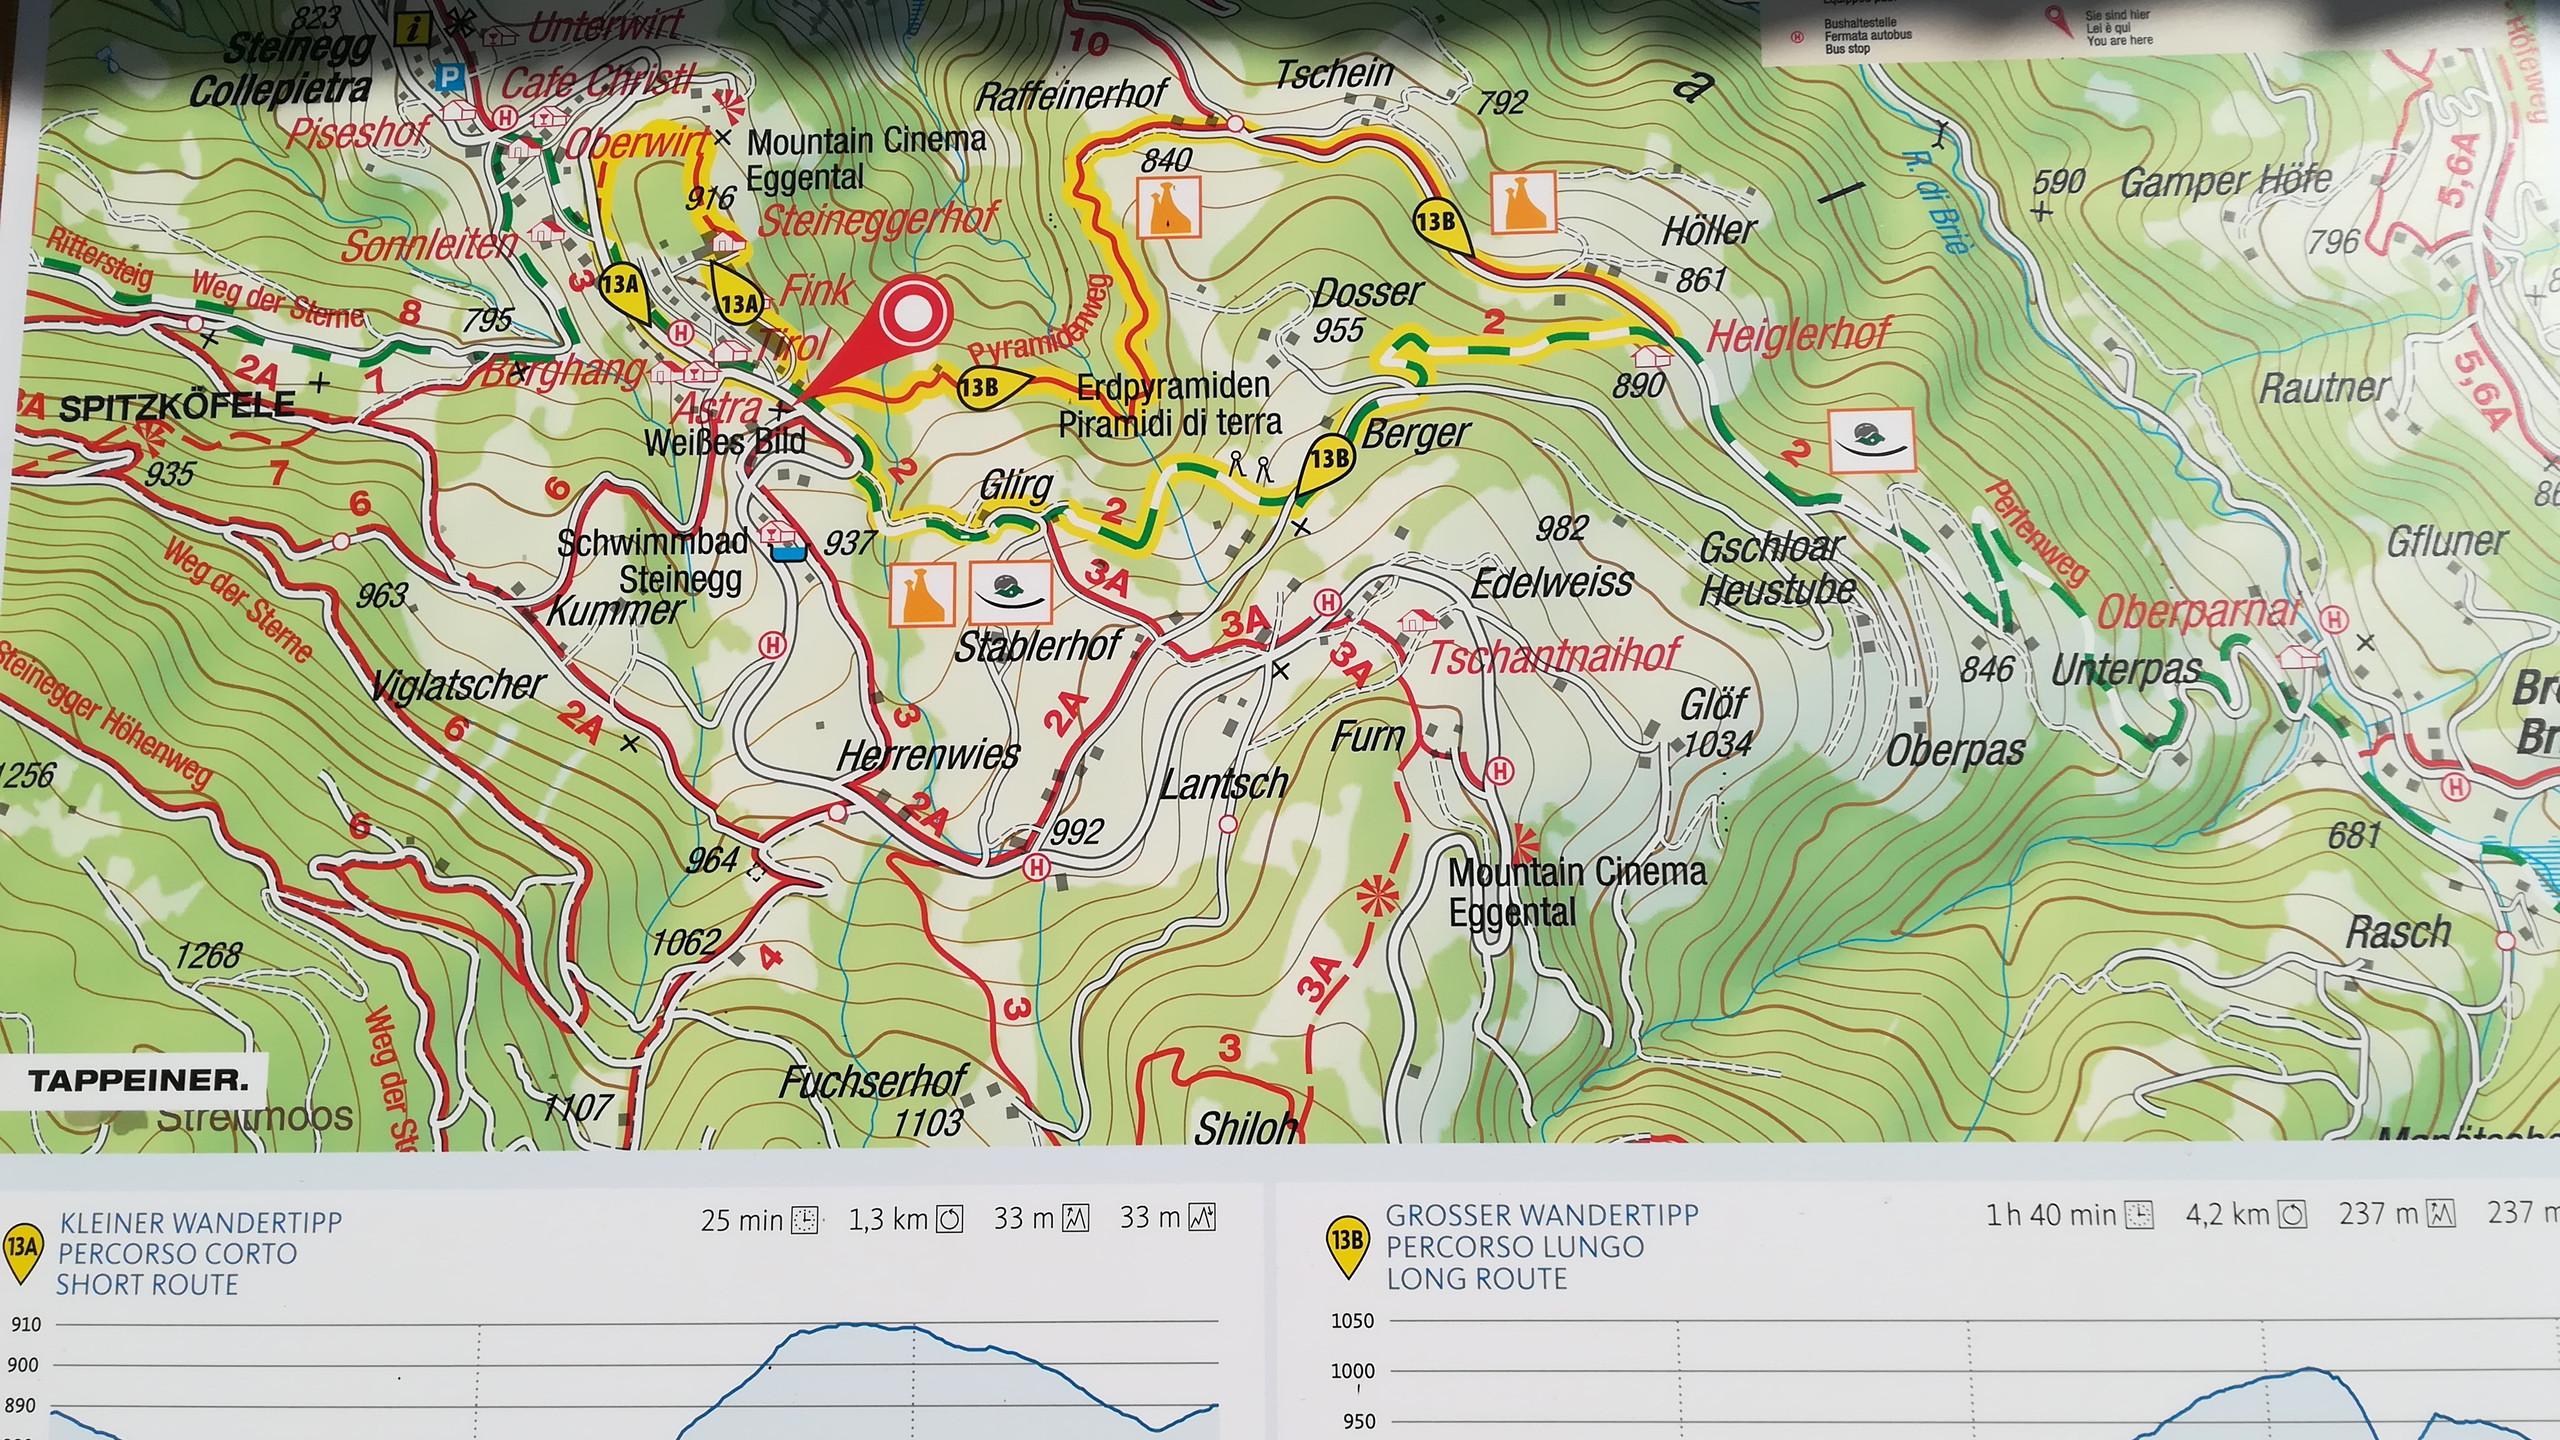 Sentiero Piramidi di Terra di Collepietra - Val d'Ega